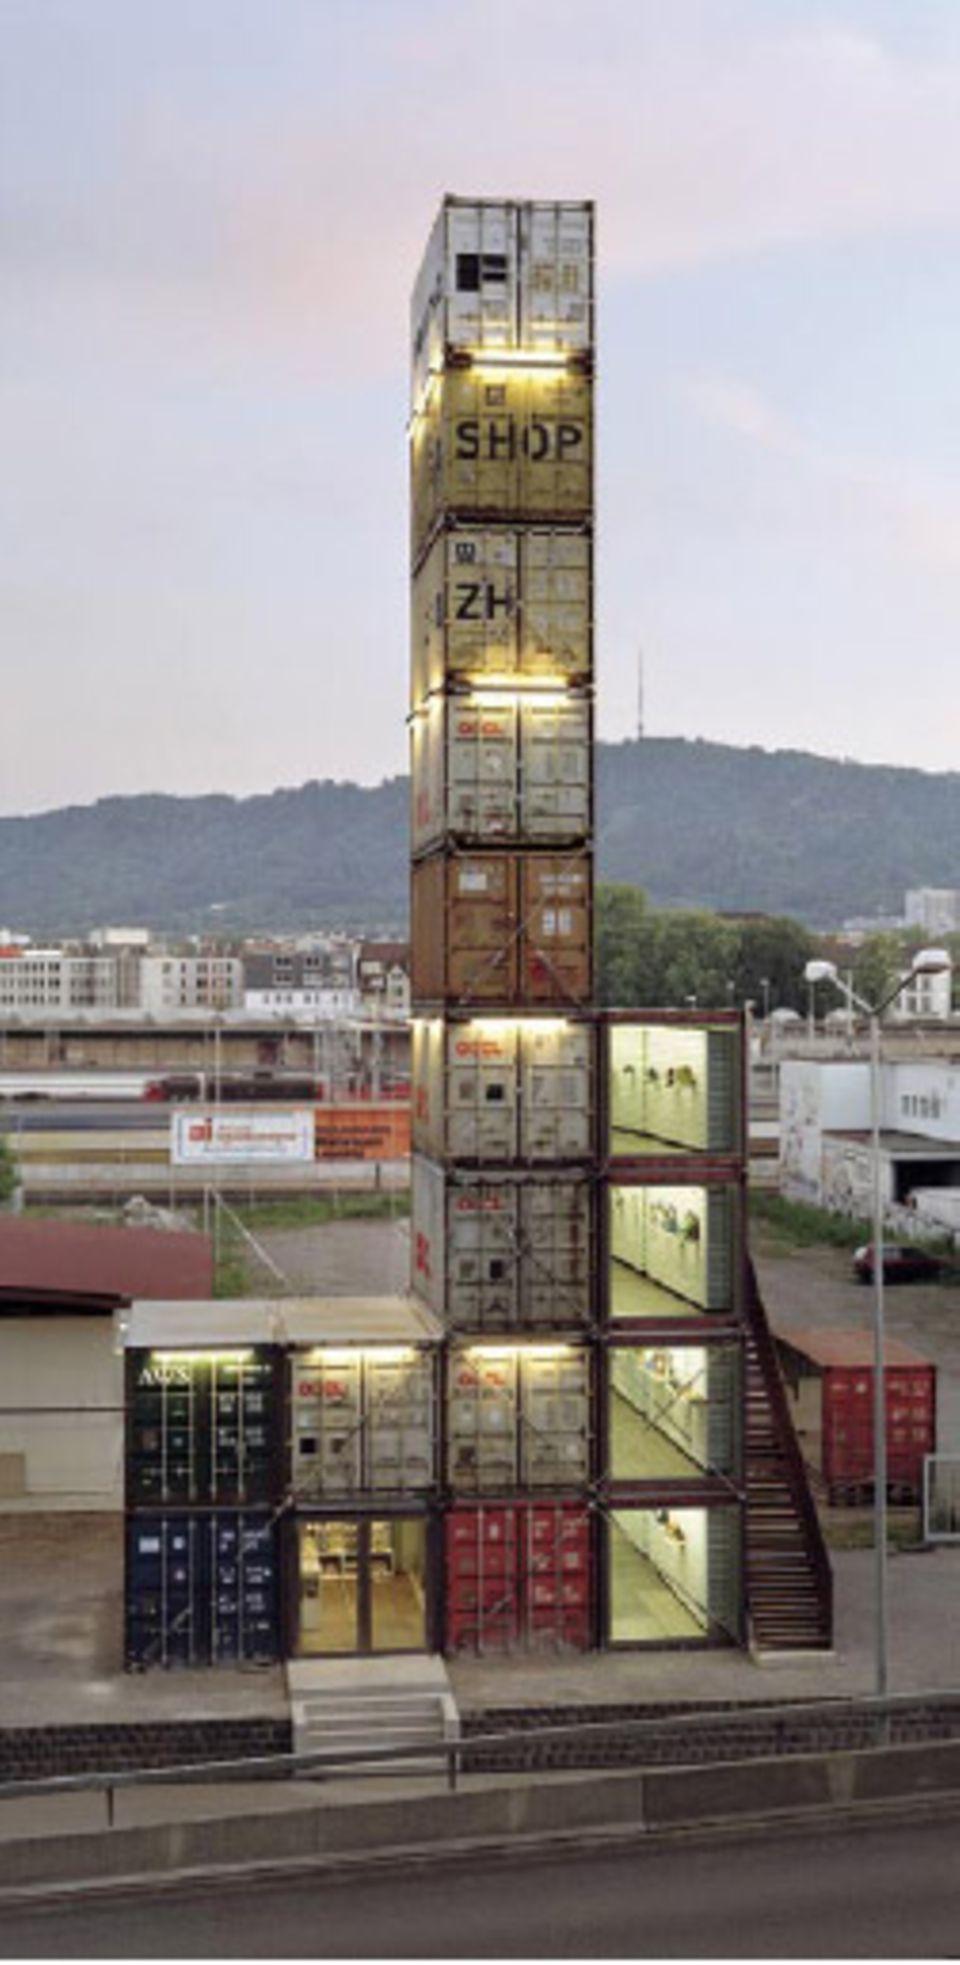 26 Meter hoch ist er, der Freitag-Shop in Zürich. Er besteht aus 17 Containern und beherbergt die weltweit größte Auswahl an Freitag-Taschen